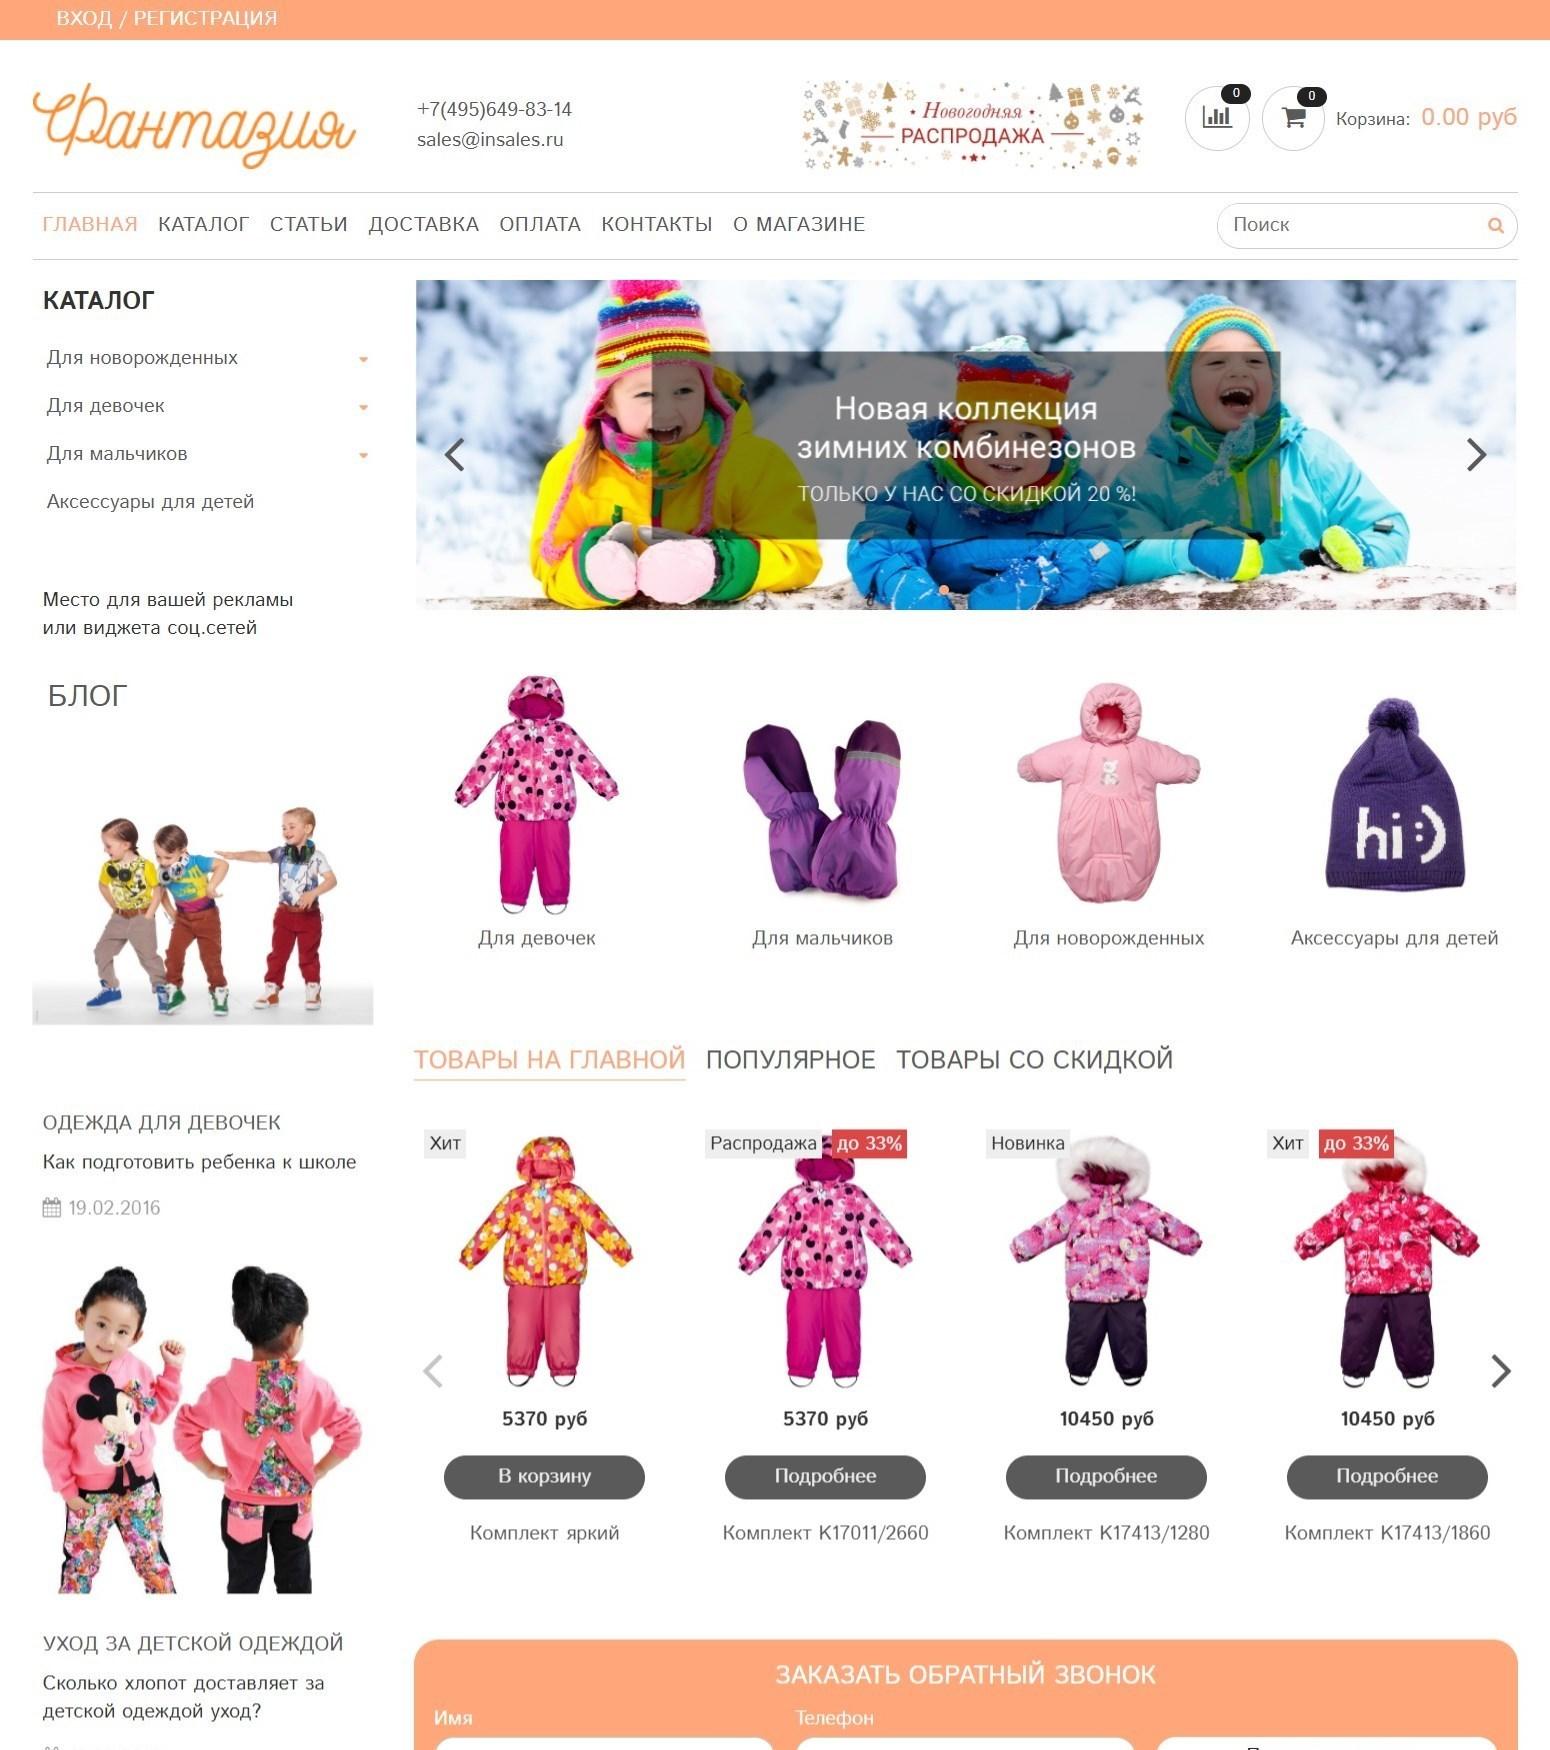 Шаблон интернет магазина - Фантазия 2.0